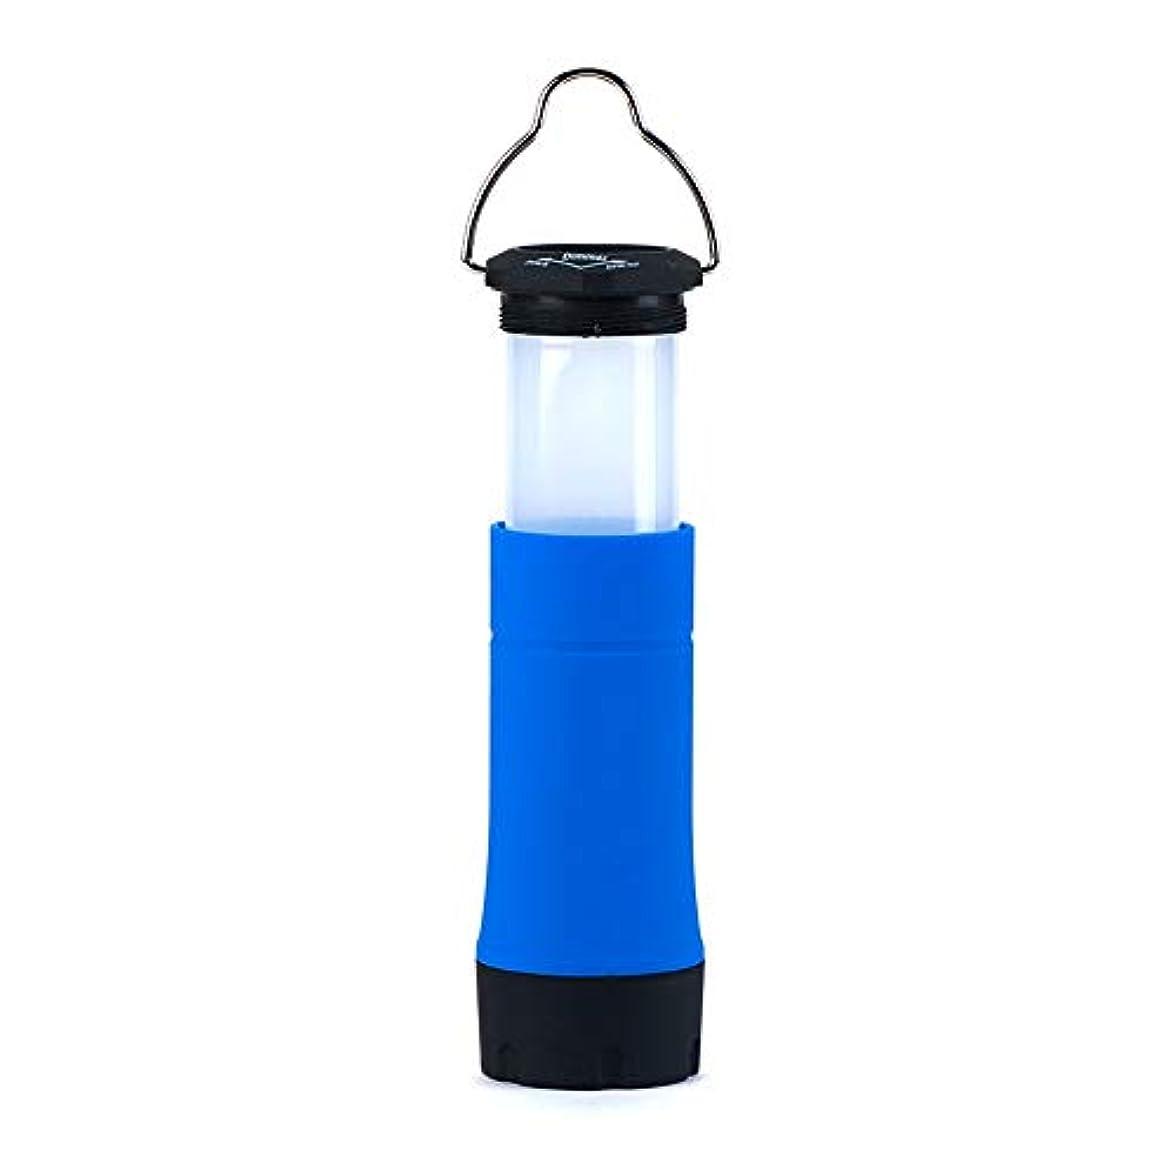 噂不平を言うメタンMOMAKQ キャンプライト 超小型 アウトドア ランタン 軽量 高輝度 LEDライト 伸縮 釣り 電池式 輝度調整可能 登山 懐中電灯 防災 夜間作業用 コンパクト 持ち運び便利 ウォーキング ジョギング